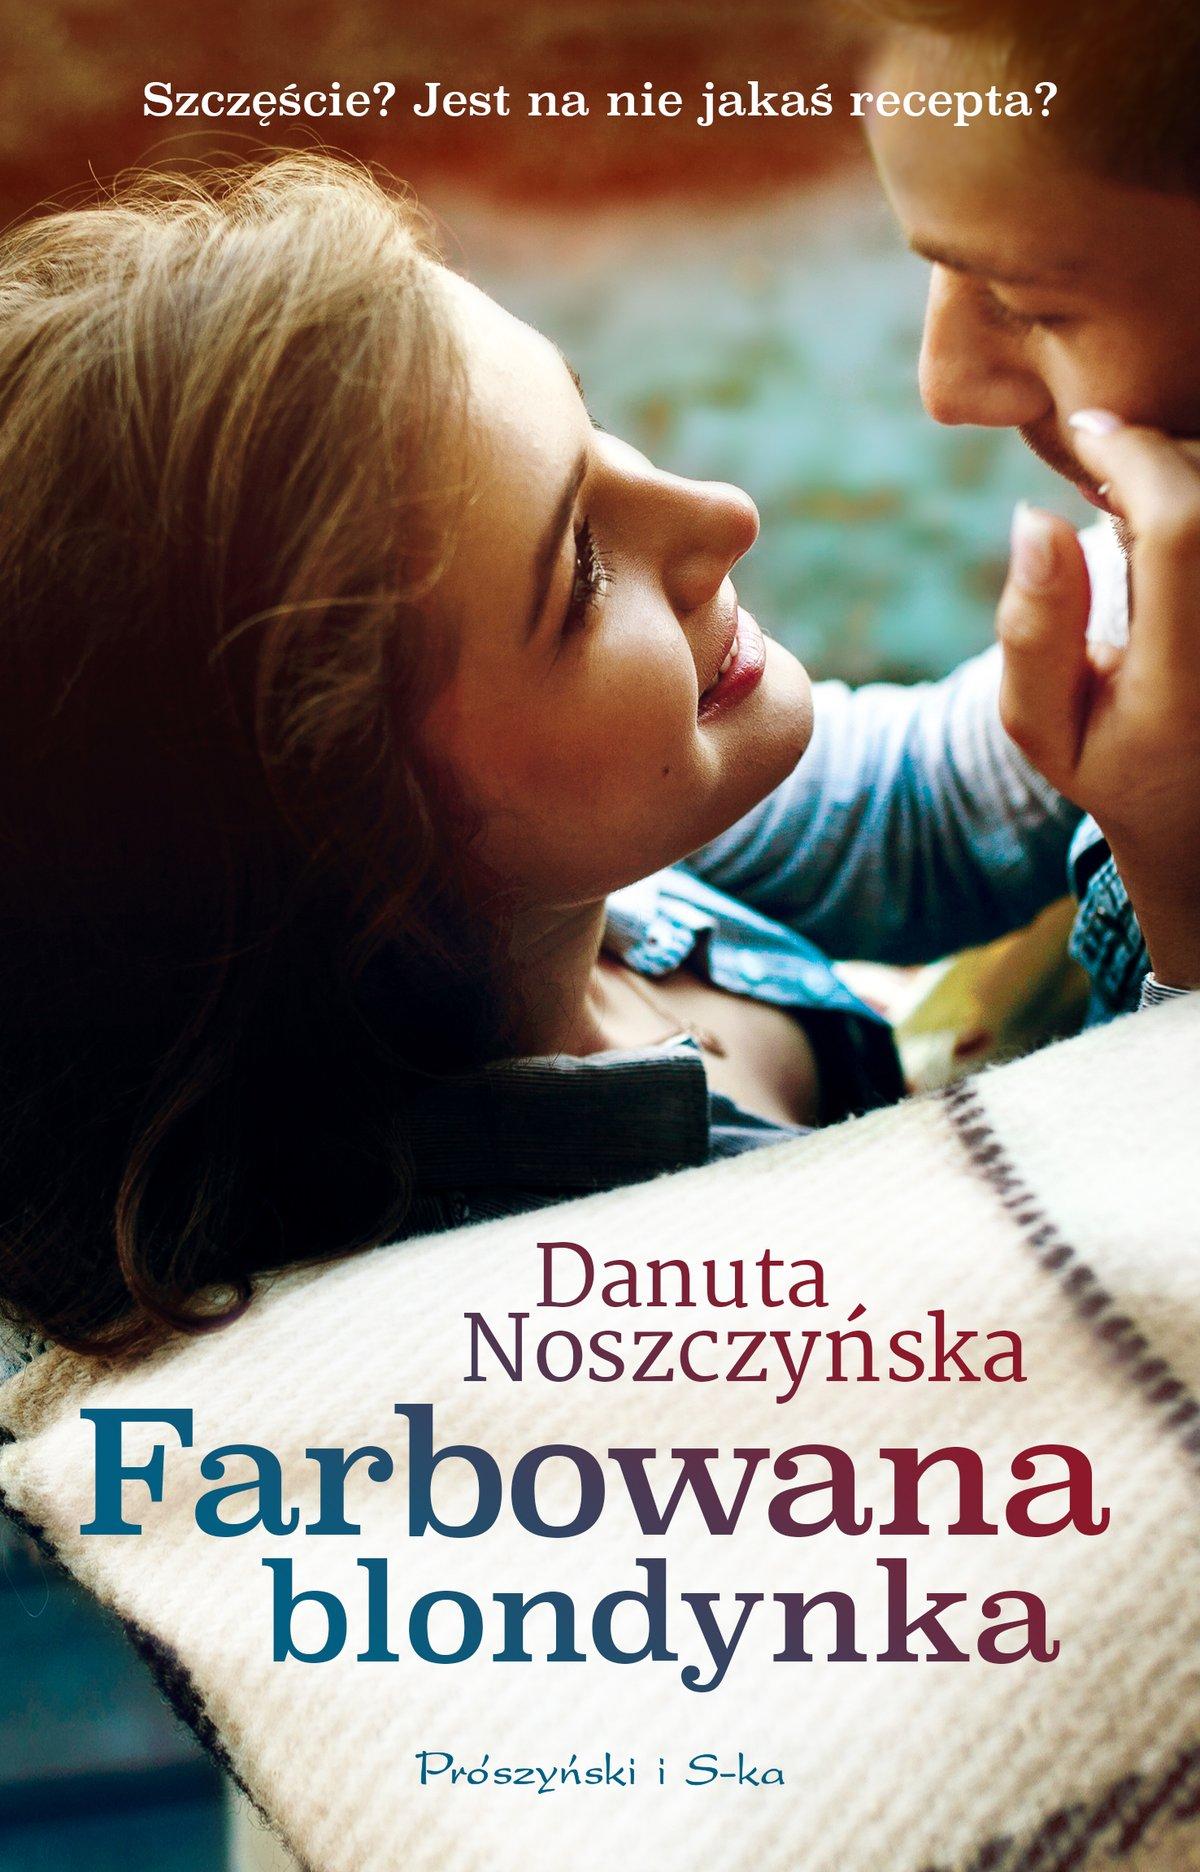 Farbowana blondynka - Ebook (Książka EPUB) do pobrania w formacie EPUB